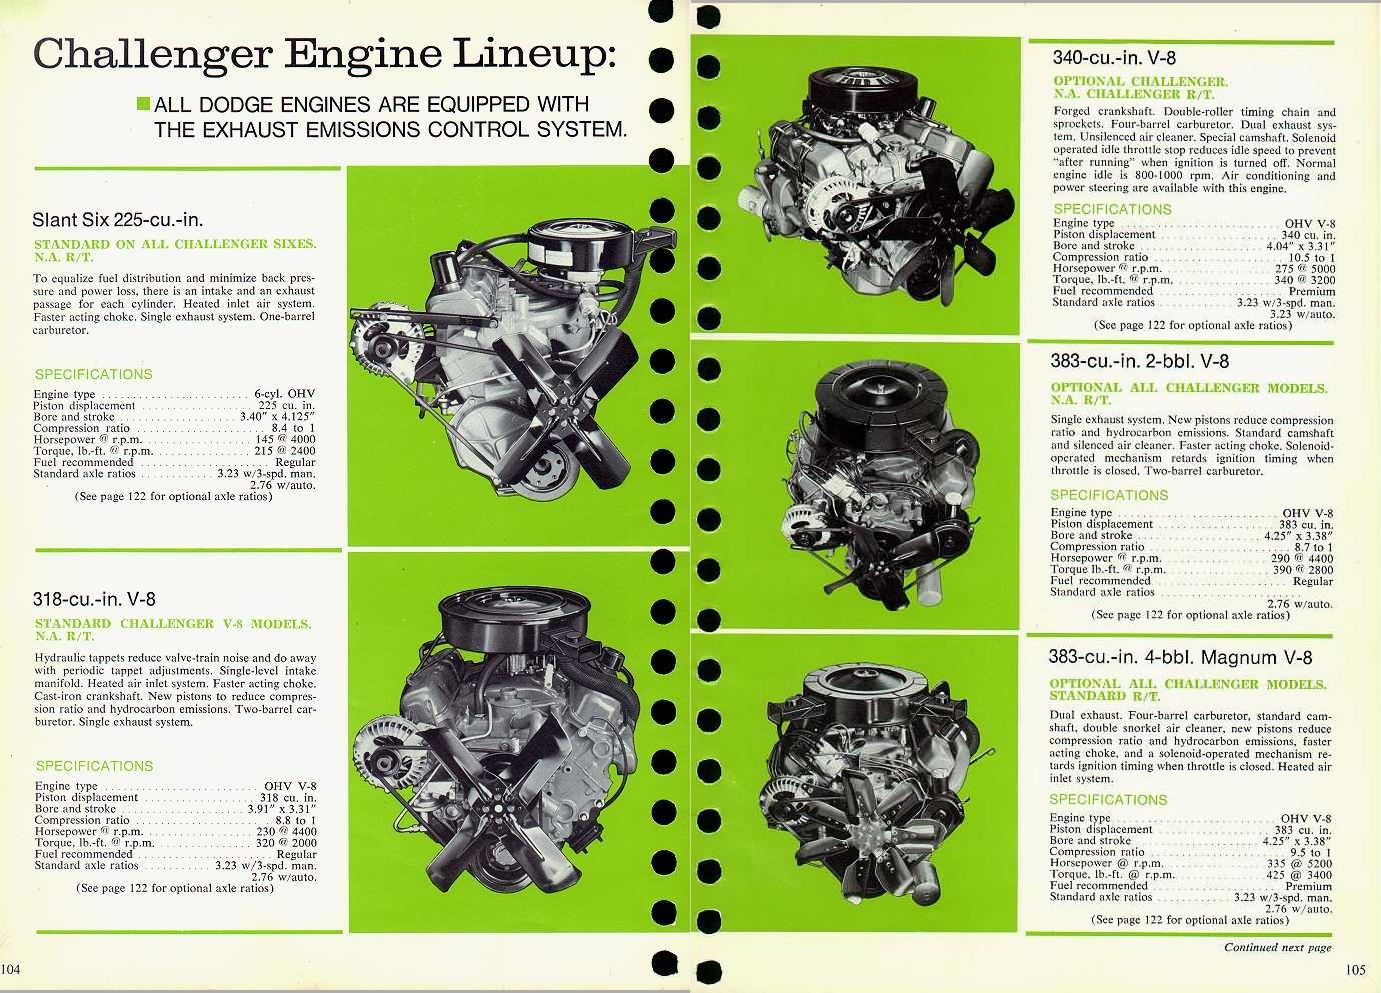 a '70 Challenger brochure,